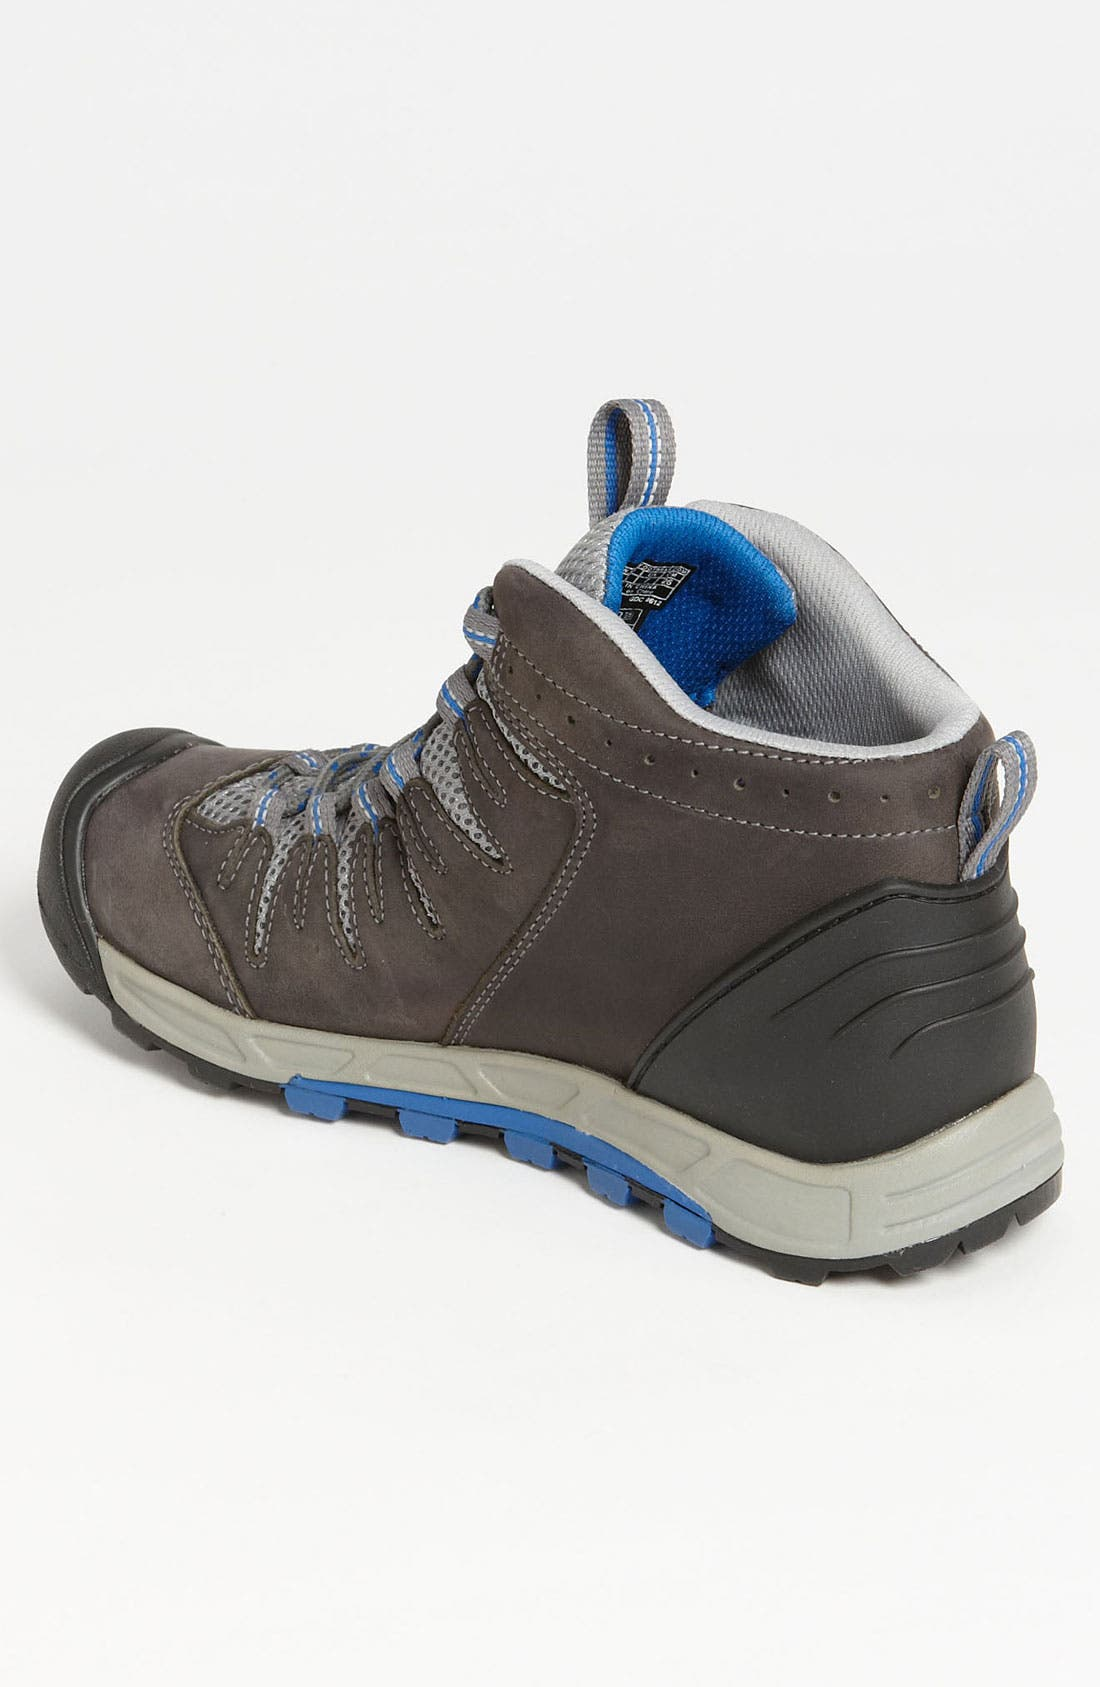 Alternate Image 2  - Keen 'Bryce' Hiking Boot (Men)